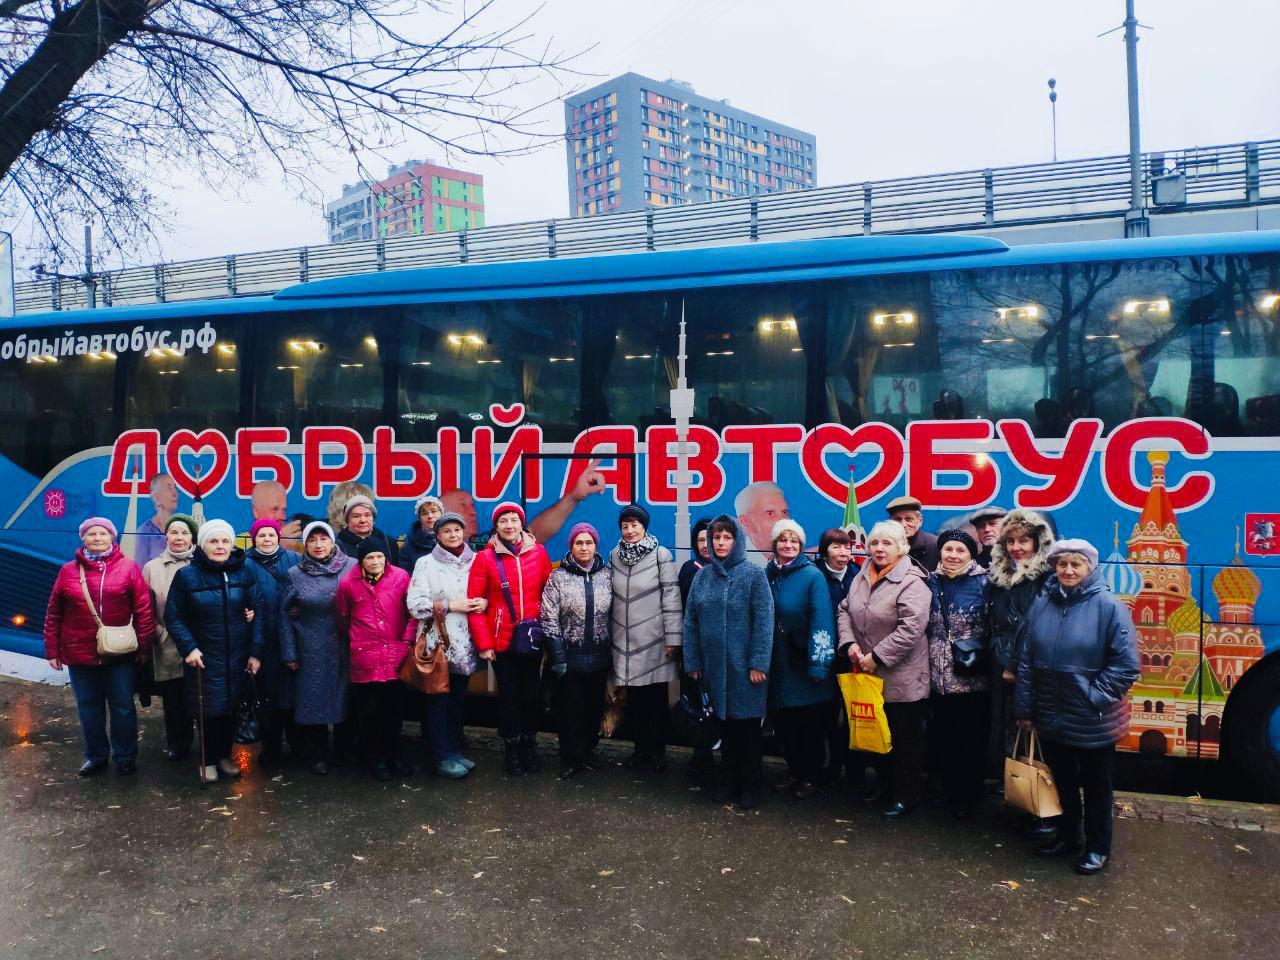 Пенсионеры посетили «Ночь искусств» на десяти «Добрых автобусах» Сабины Цветковой